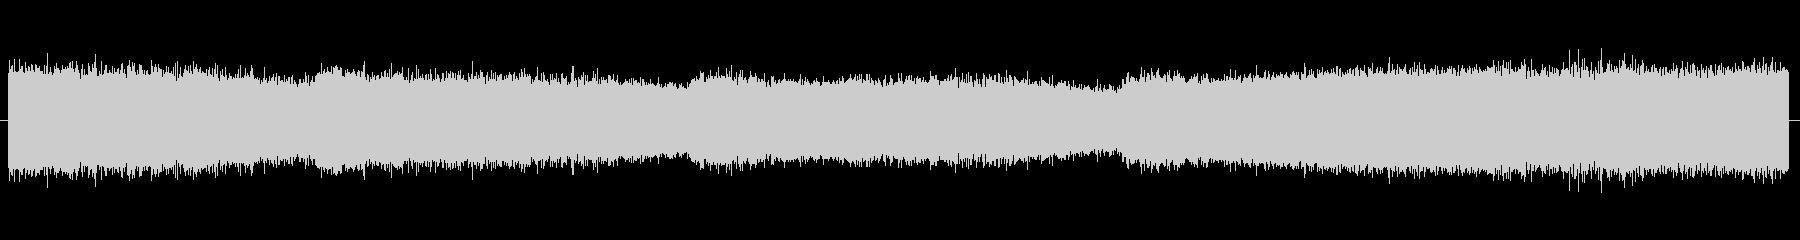 セミの鳴き声 01の未再生の波形